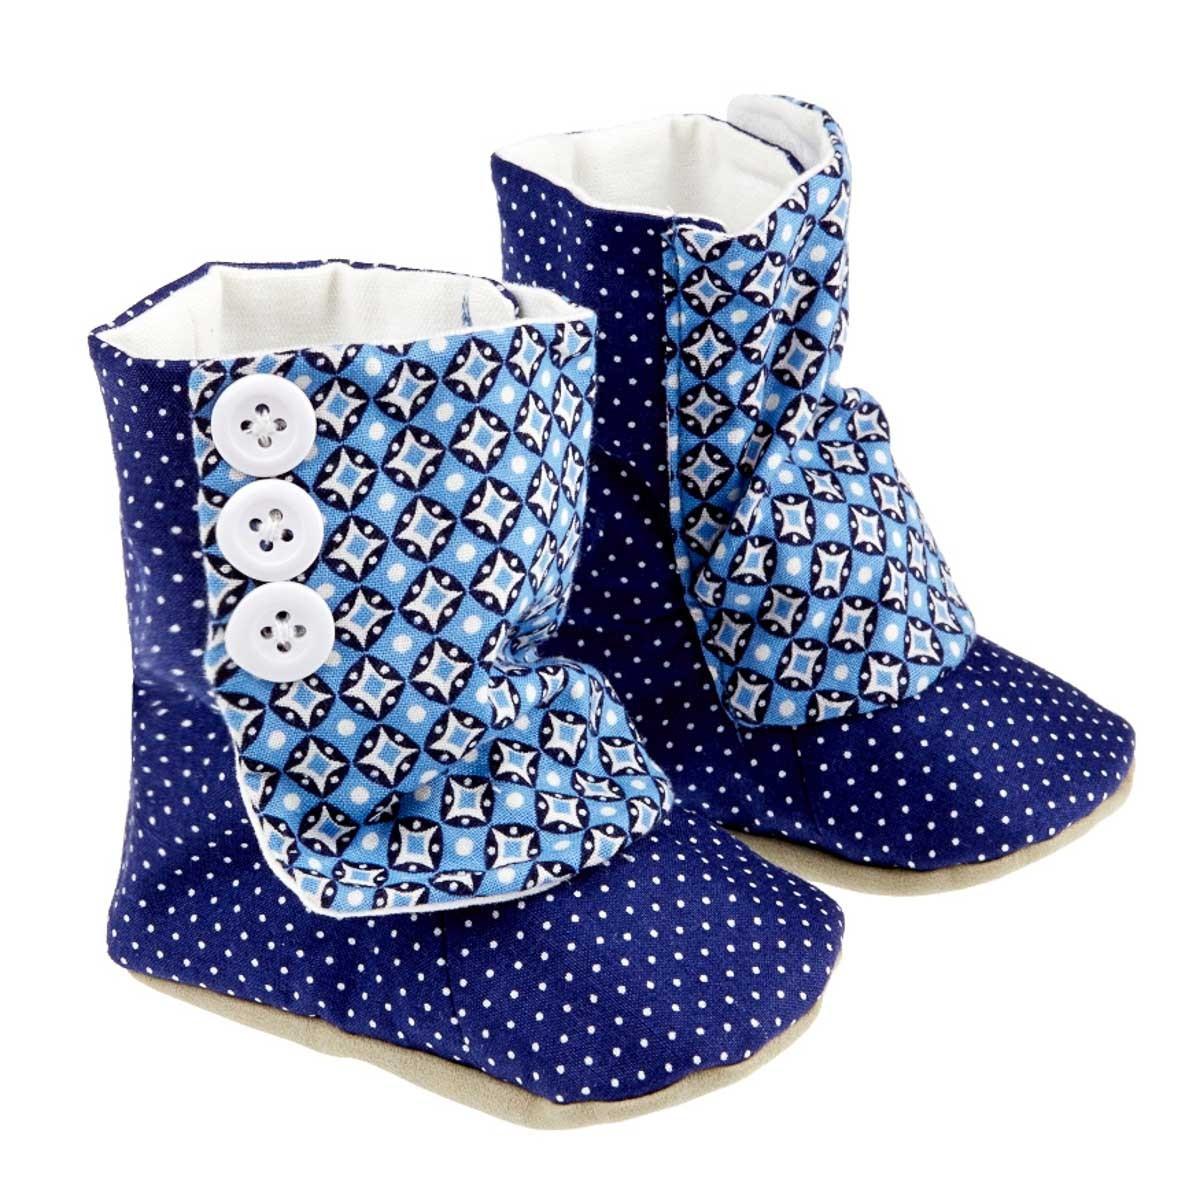 Bottines chaussons souples bébé bleu